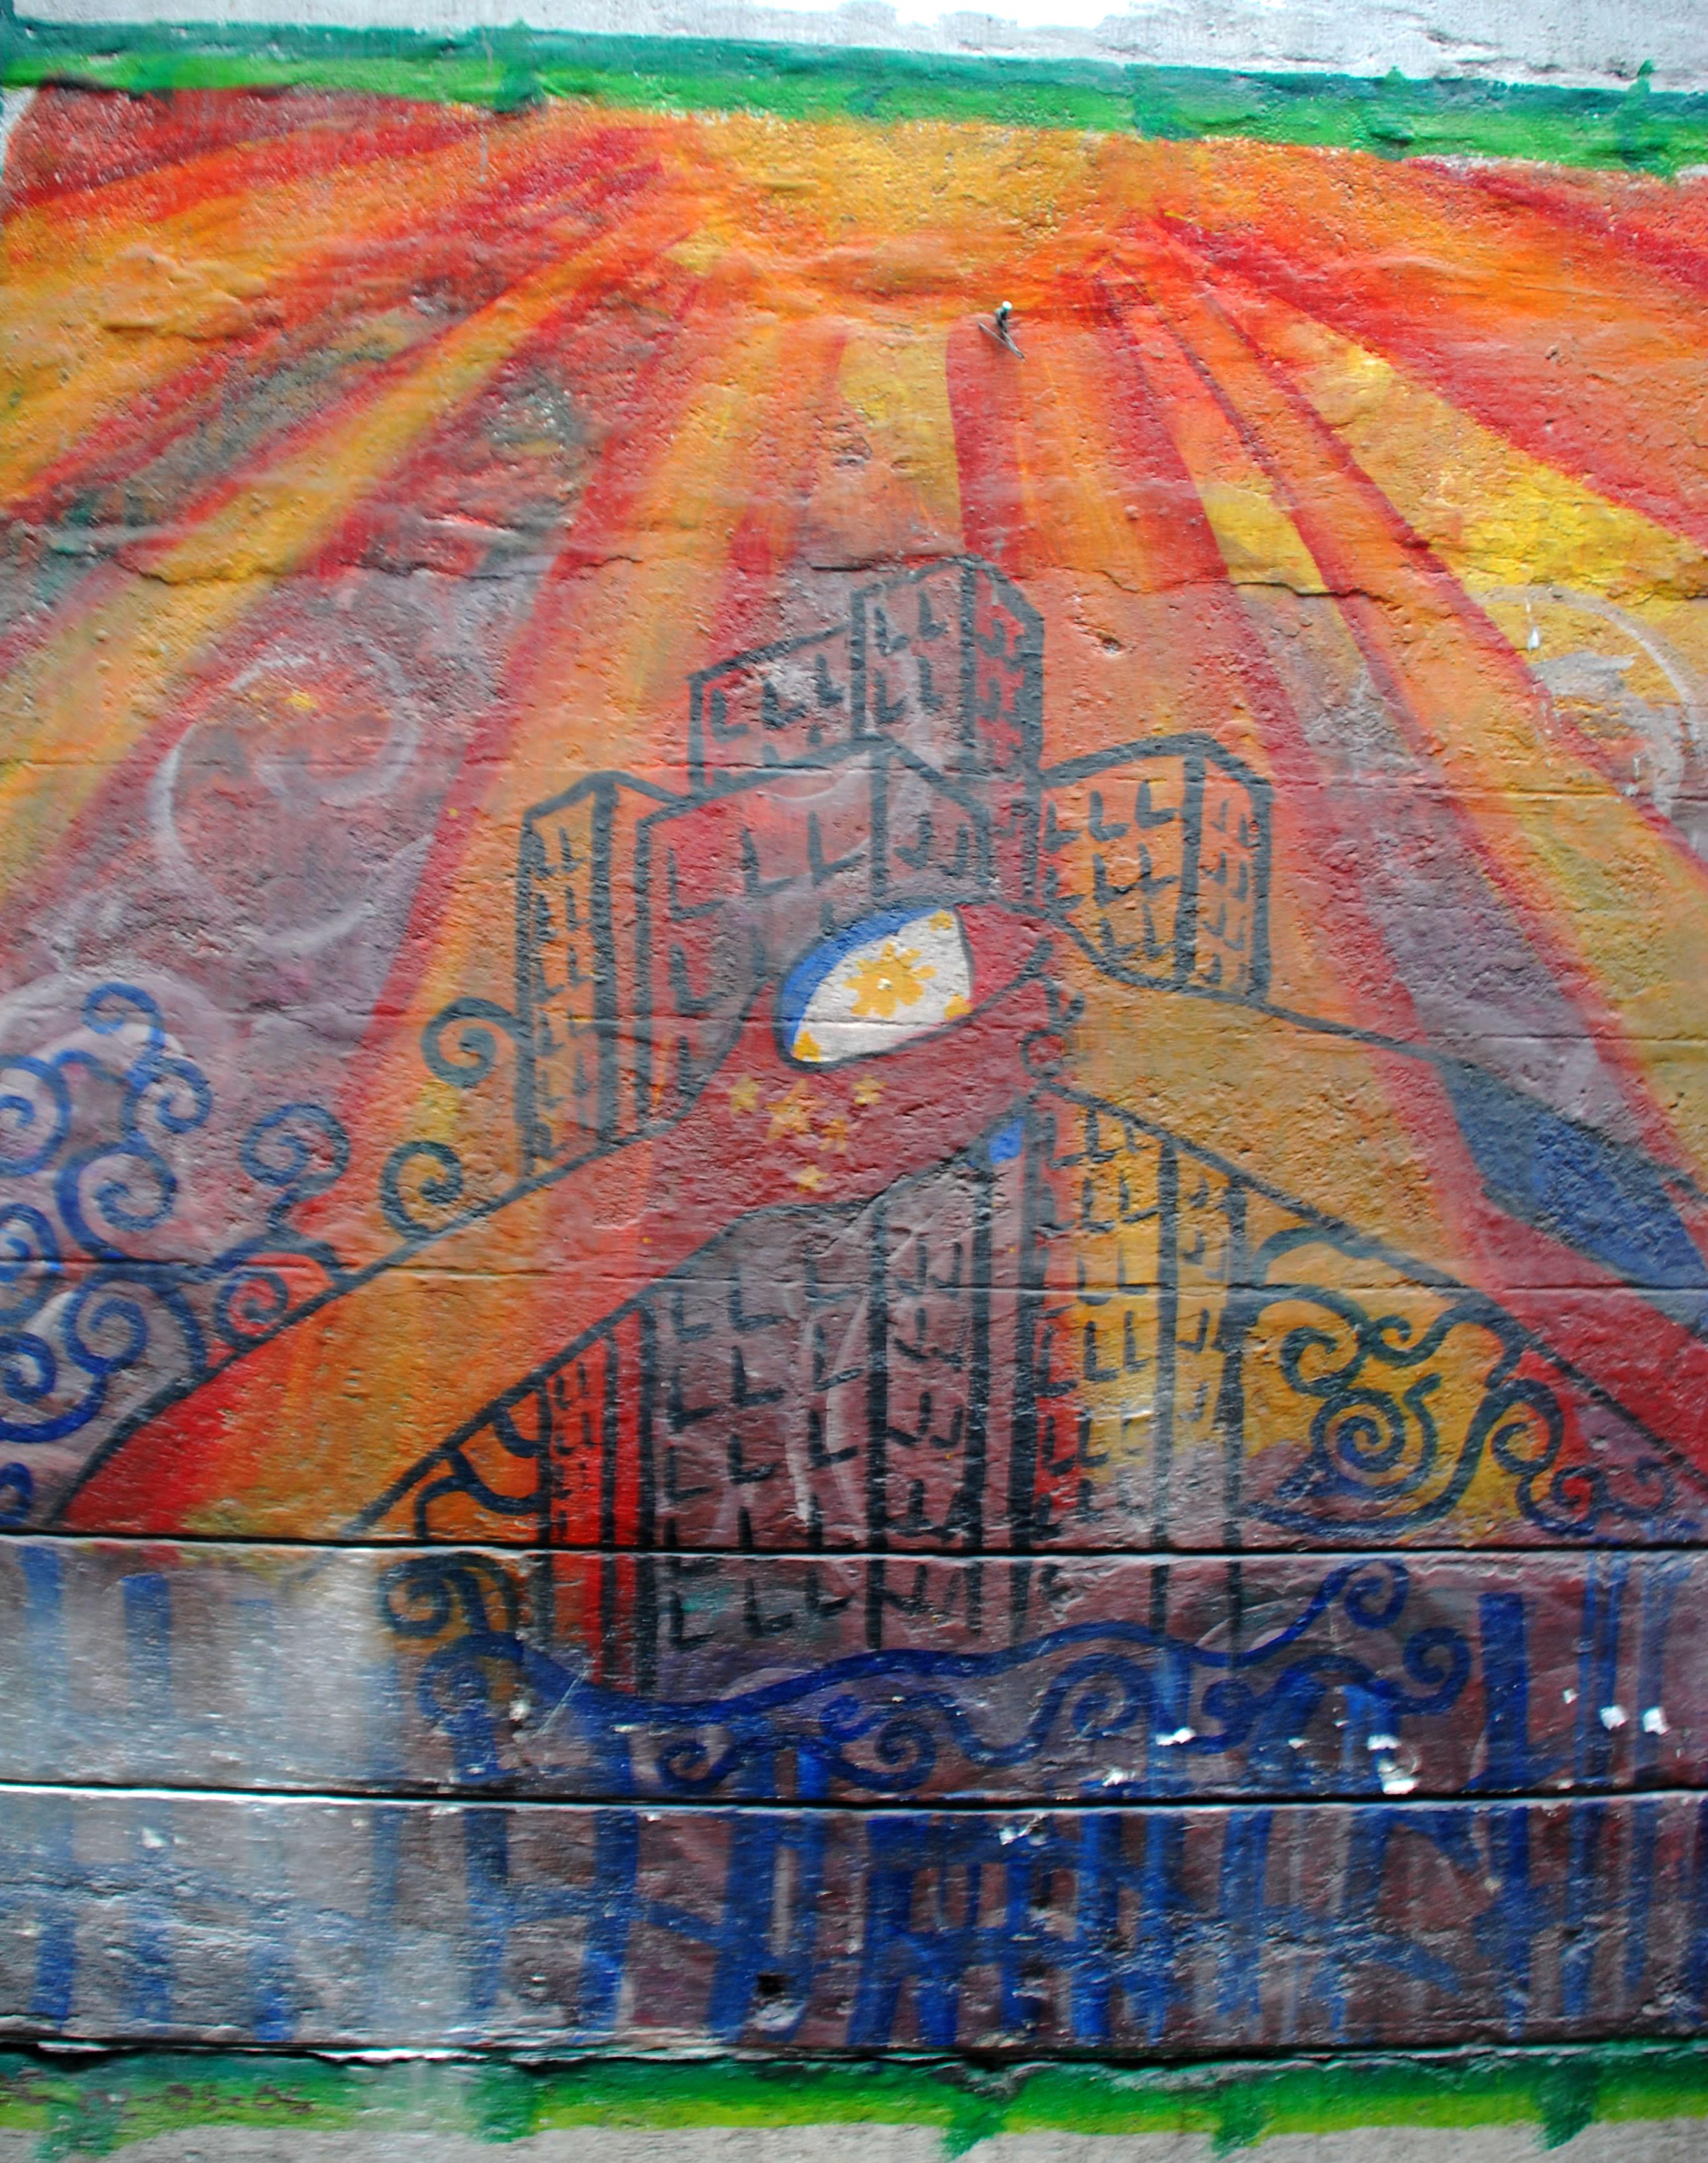 Murals Philippine Filipino Chinese Friendship Day 2007 33